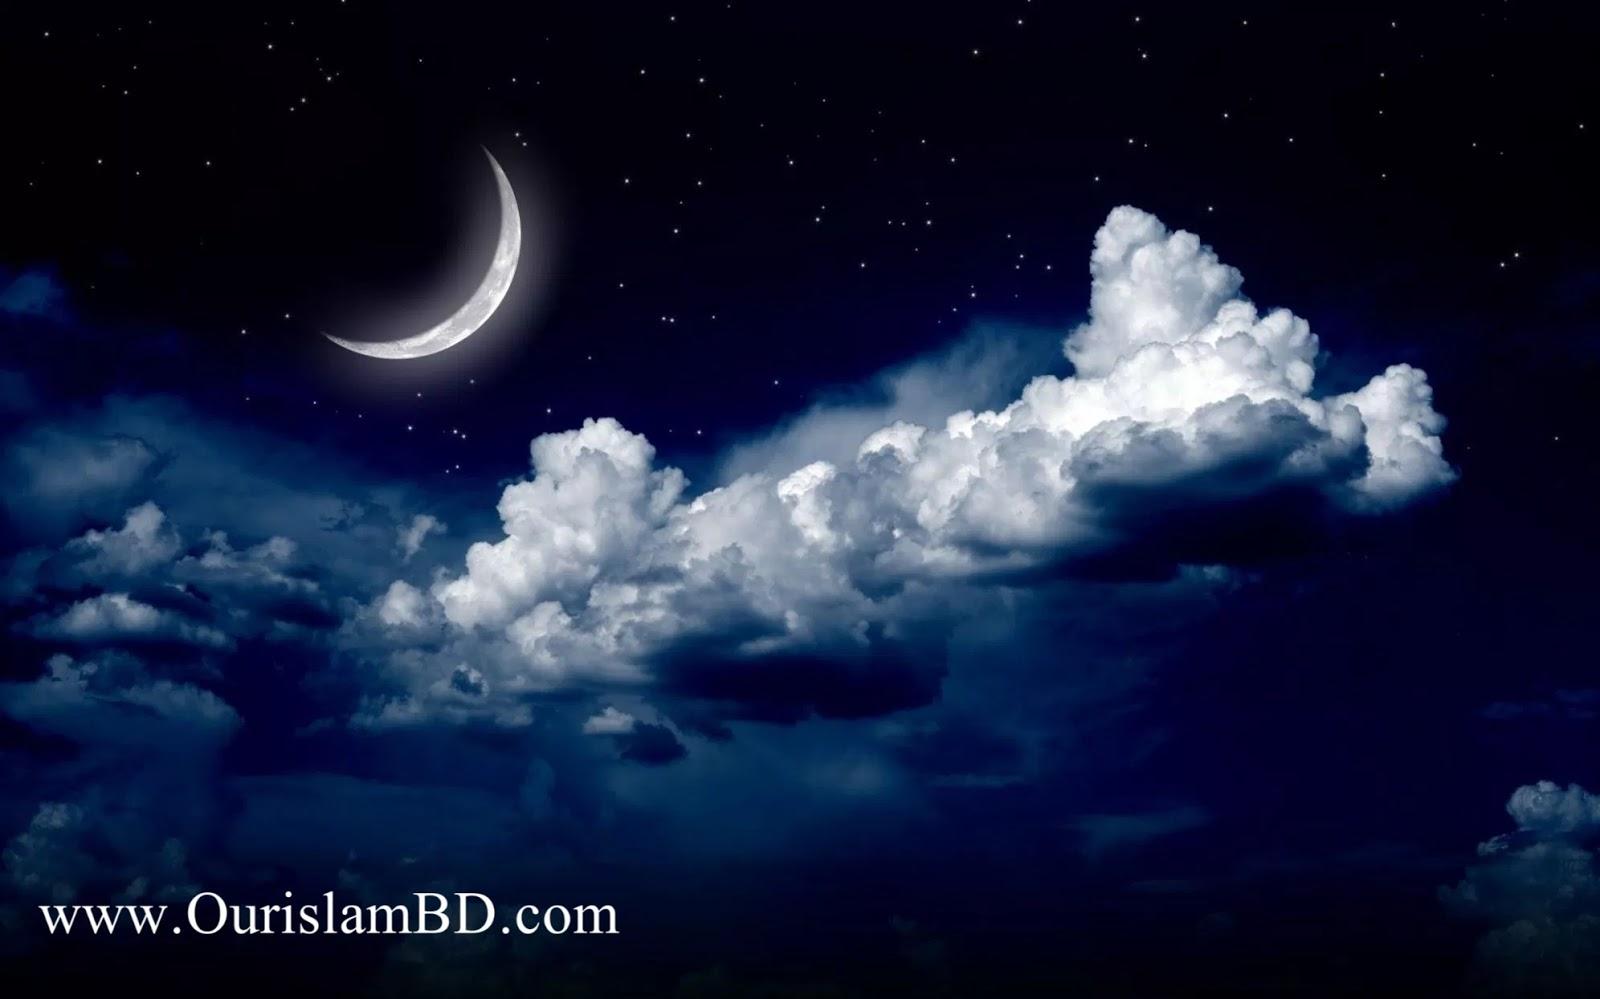 রামাদ্বান মাসের চাঁদের ভিন্ন ভিন্ন উদয়স্থল সংক্রান্ত মাস'আলাহ - ourislamBD.com